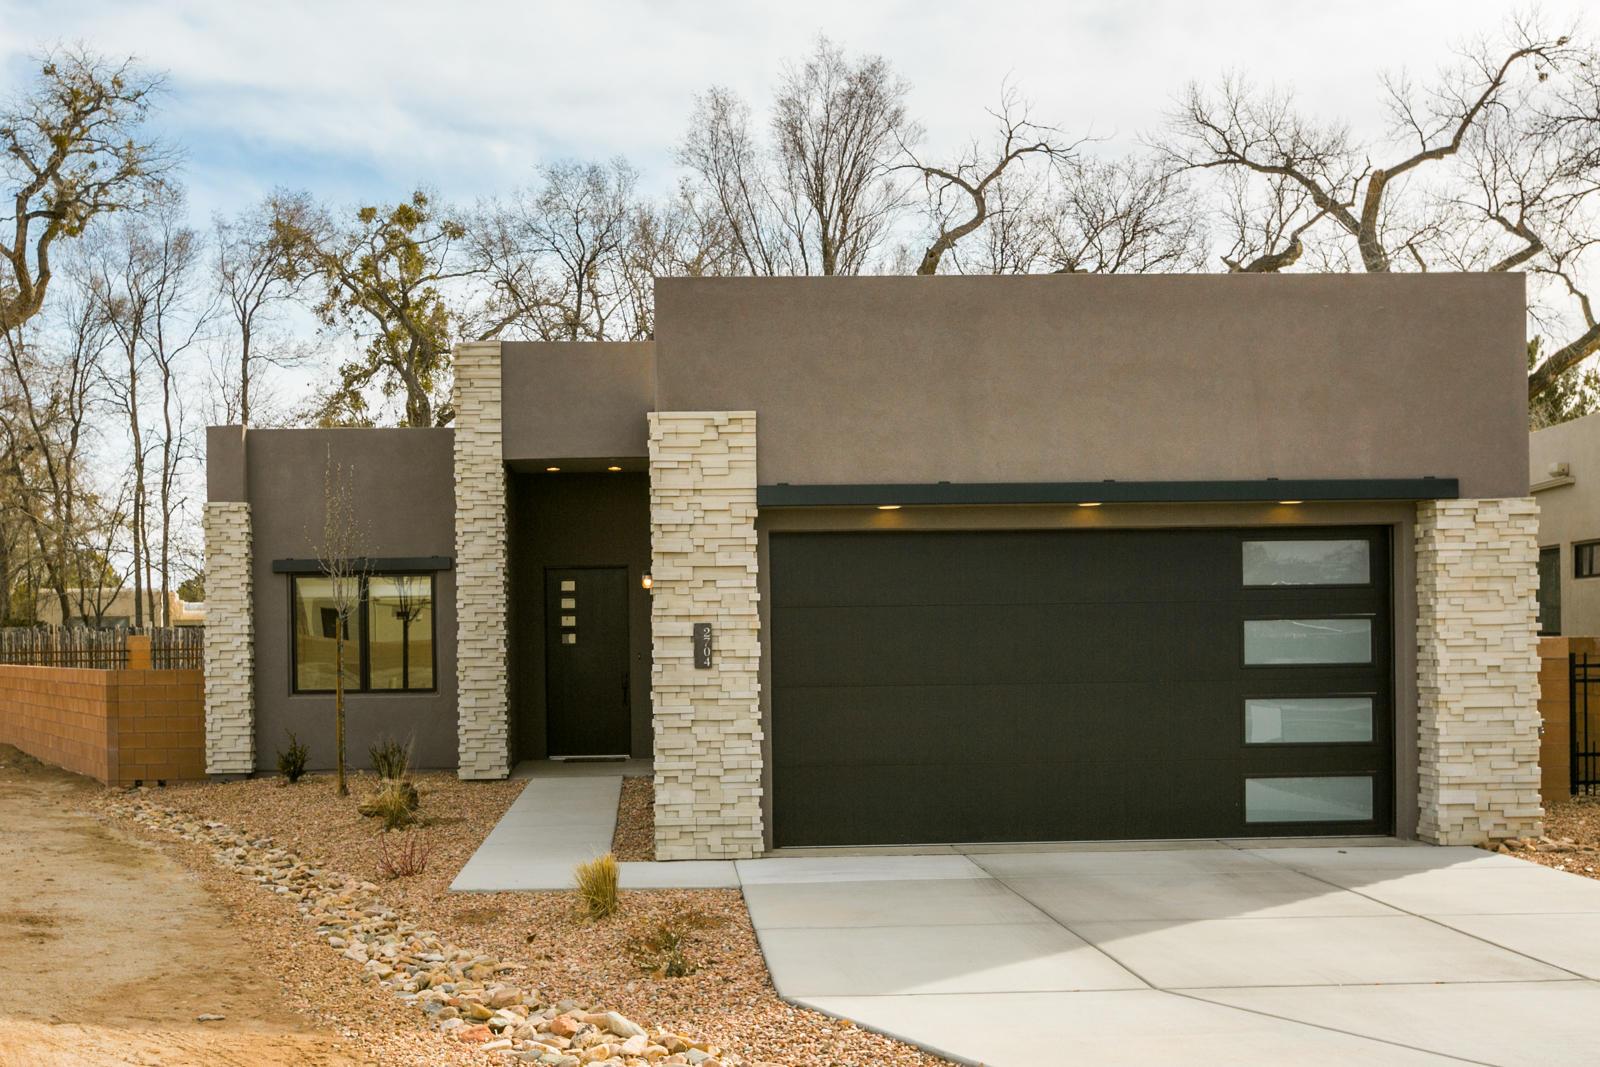 2716 PUERTA DEL BOSQUE Lane NW, Albuquerque, NM 87104 - Albuquerque, NM real estate listing